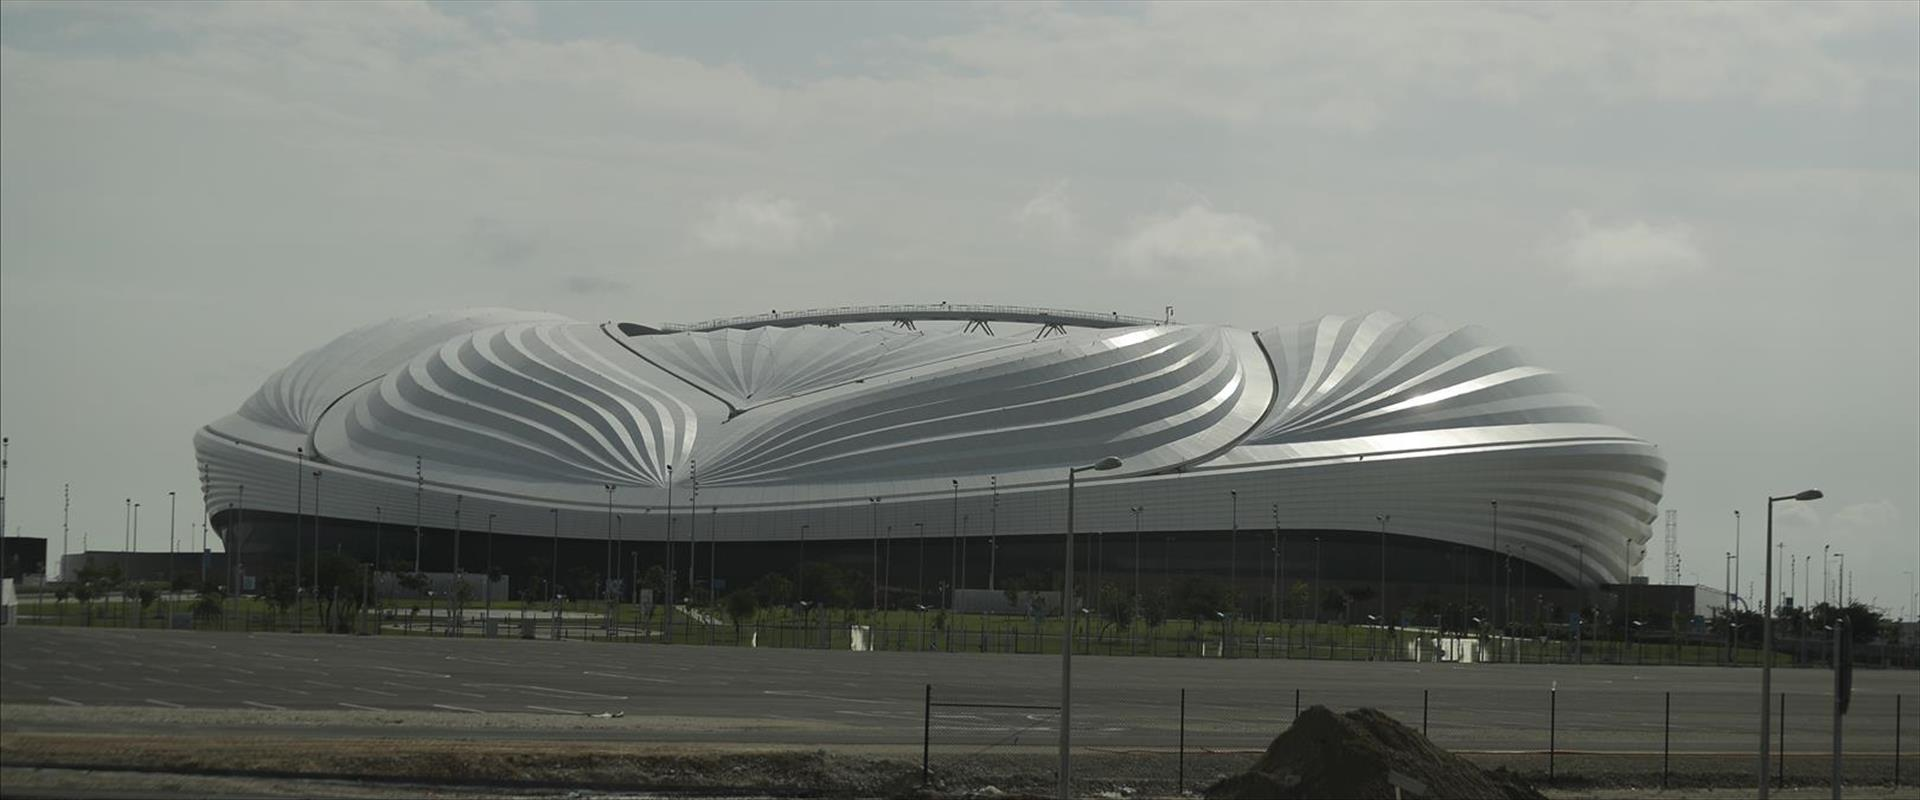 איצטדיון המונדיאל בקטר